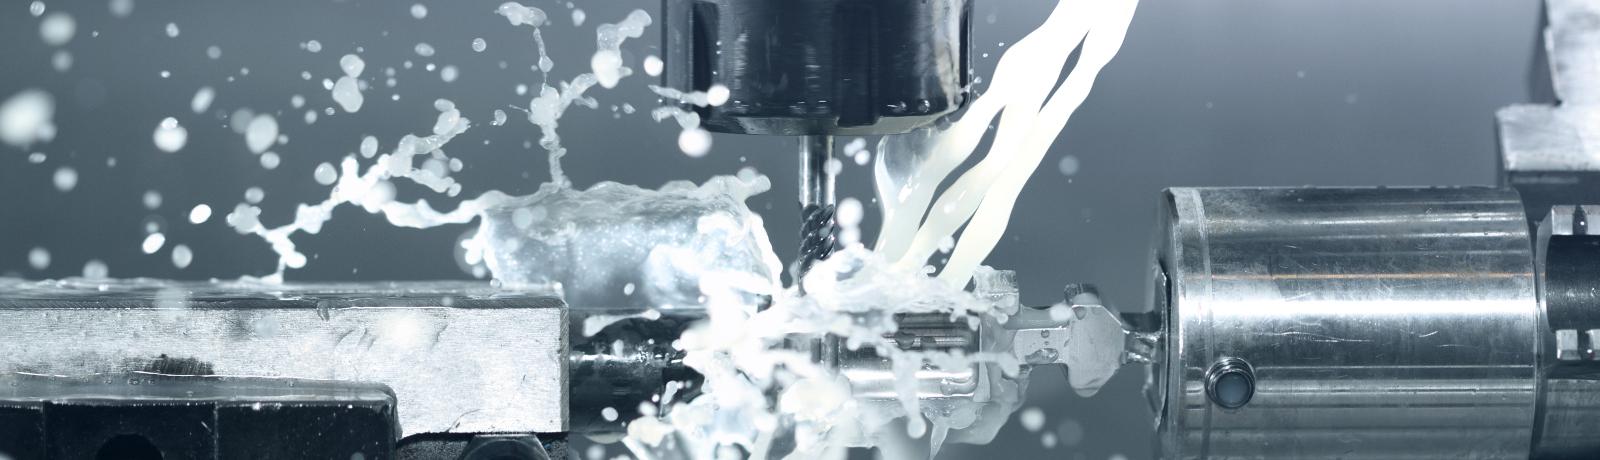 Pumpen für Kühlschmiermittel mit Späne in der Industrie